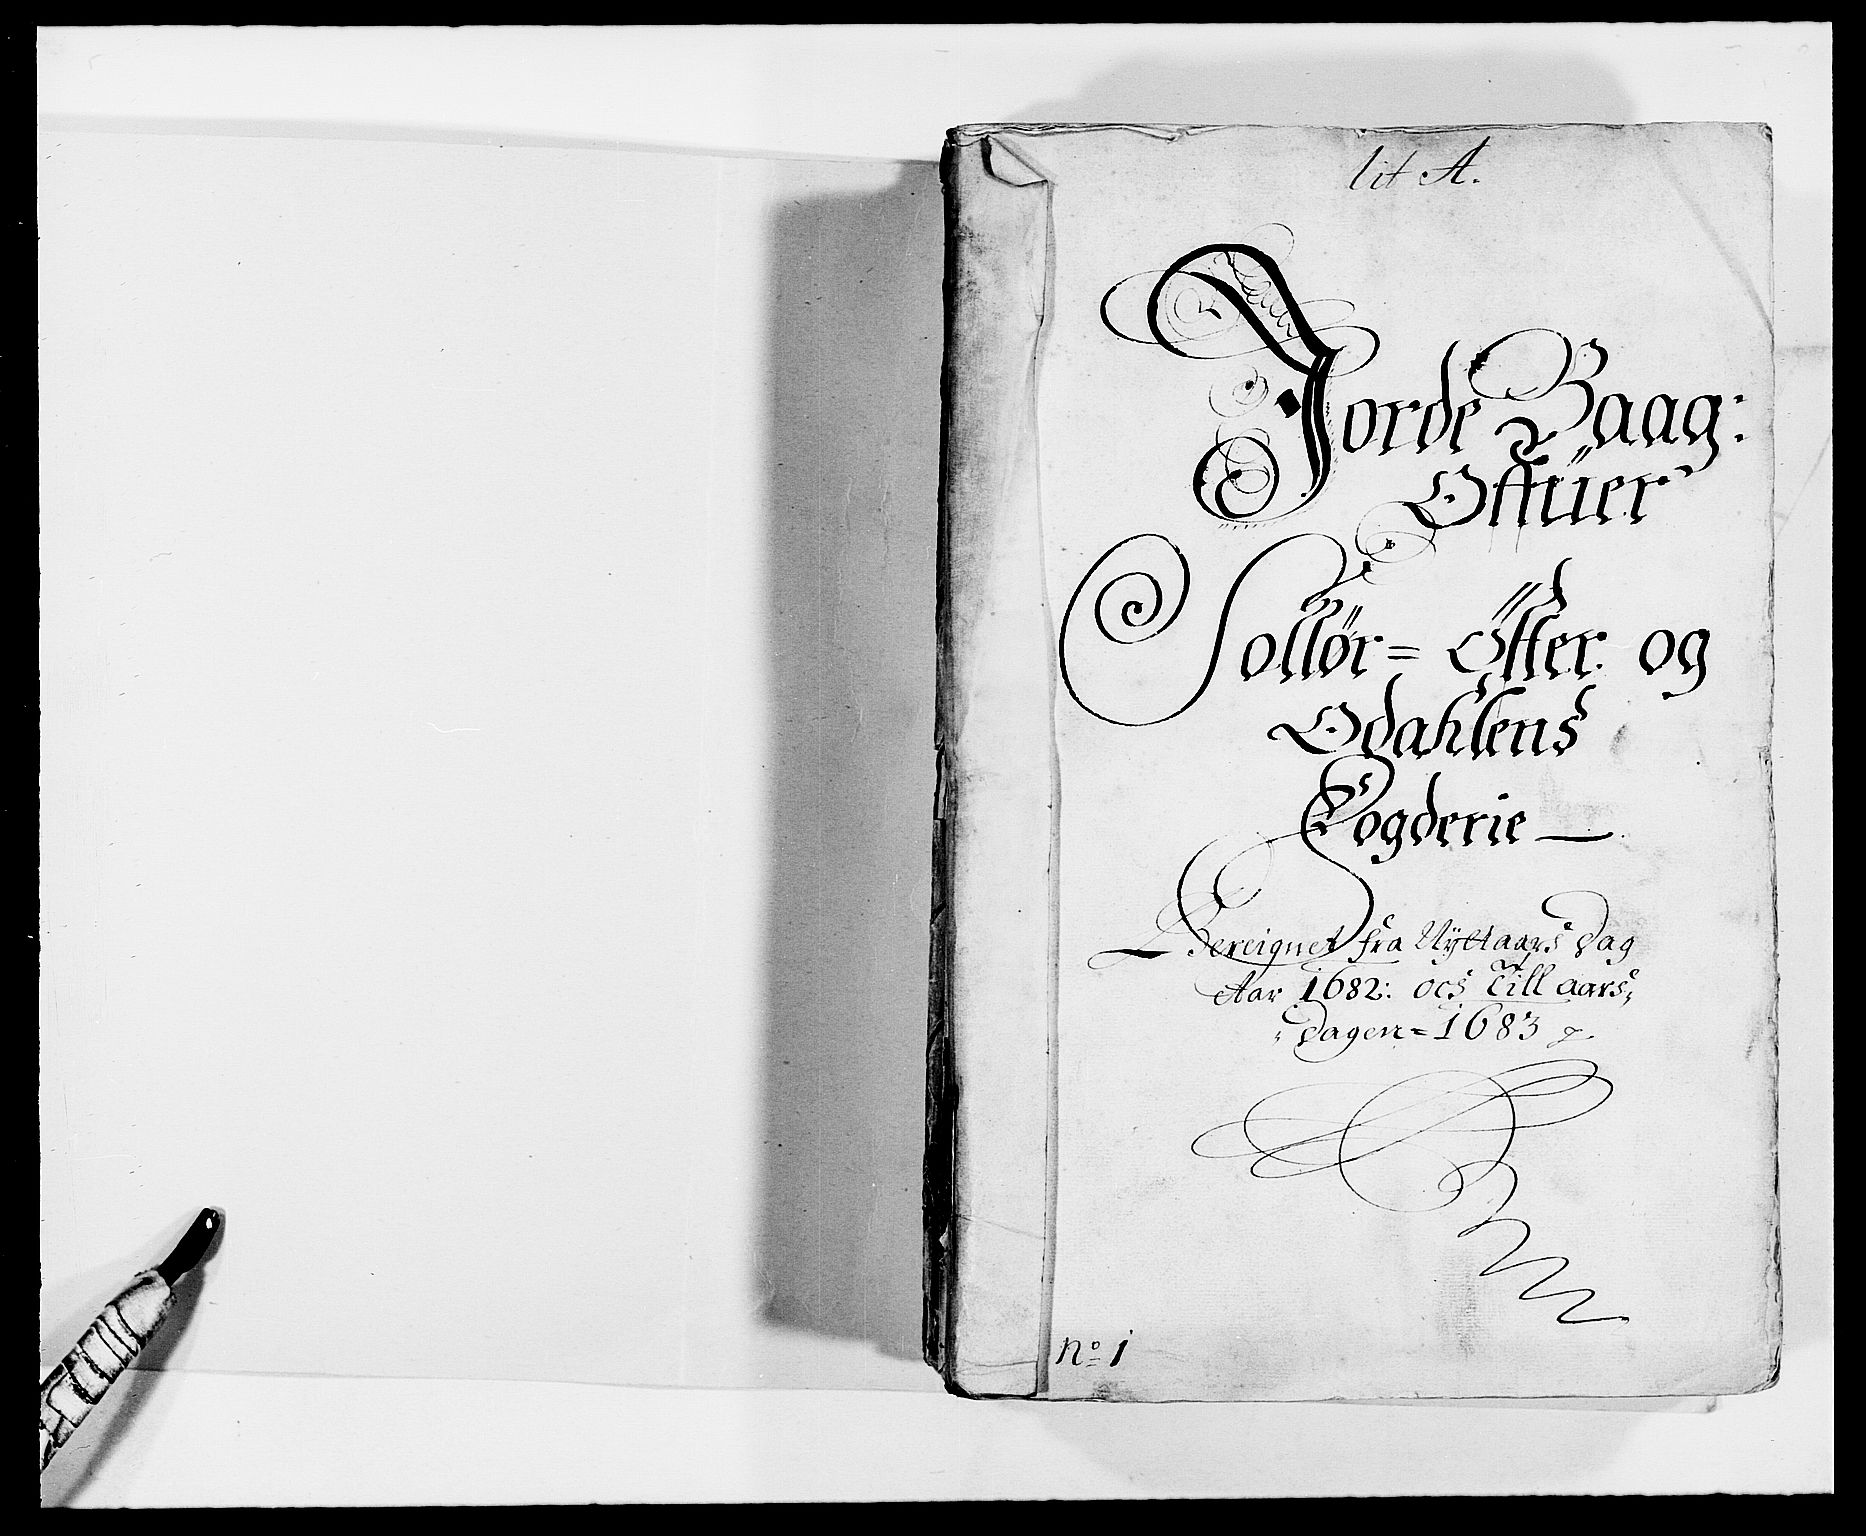 RA, Rentekammeret inntil 1814, Reviderte regnskaper, Fogderegnskap, R13/L0819: Fogderegnskap Solør, Odal og Østerdal, 1682, s. 20